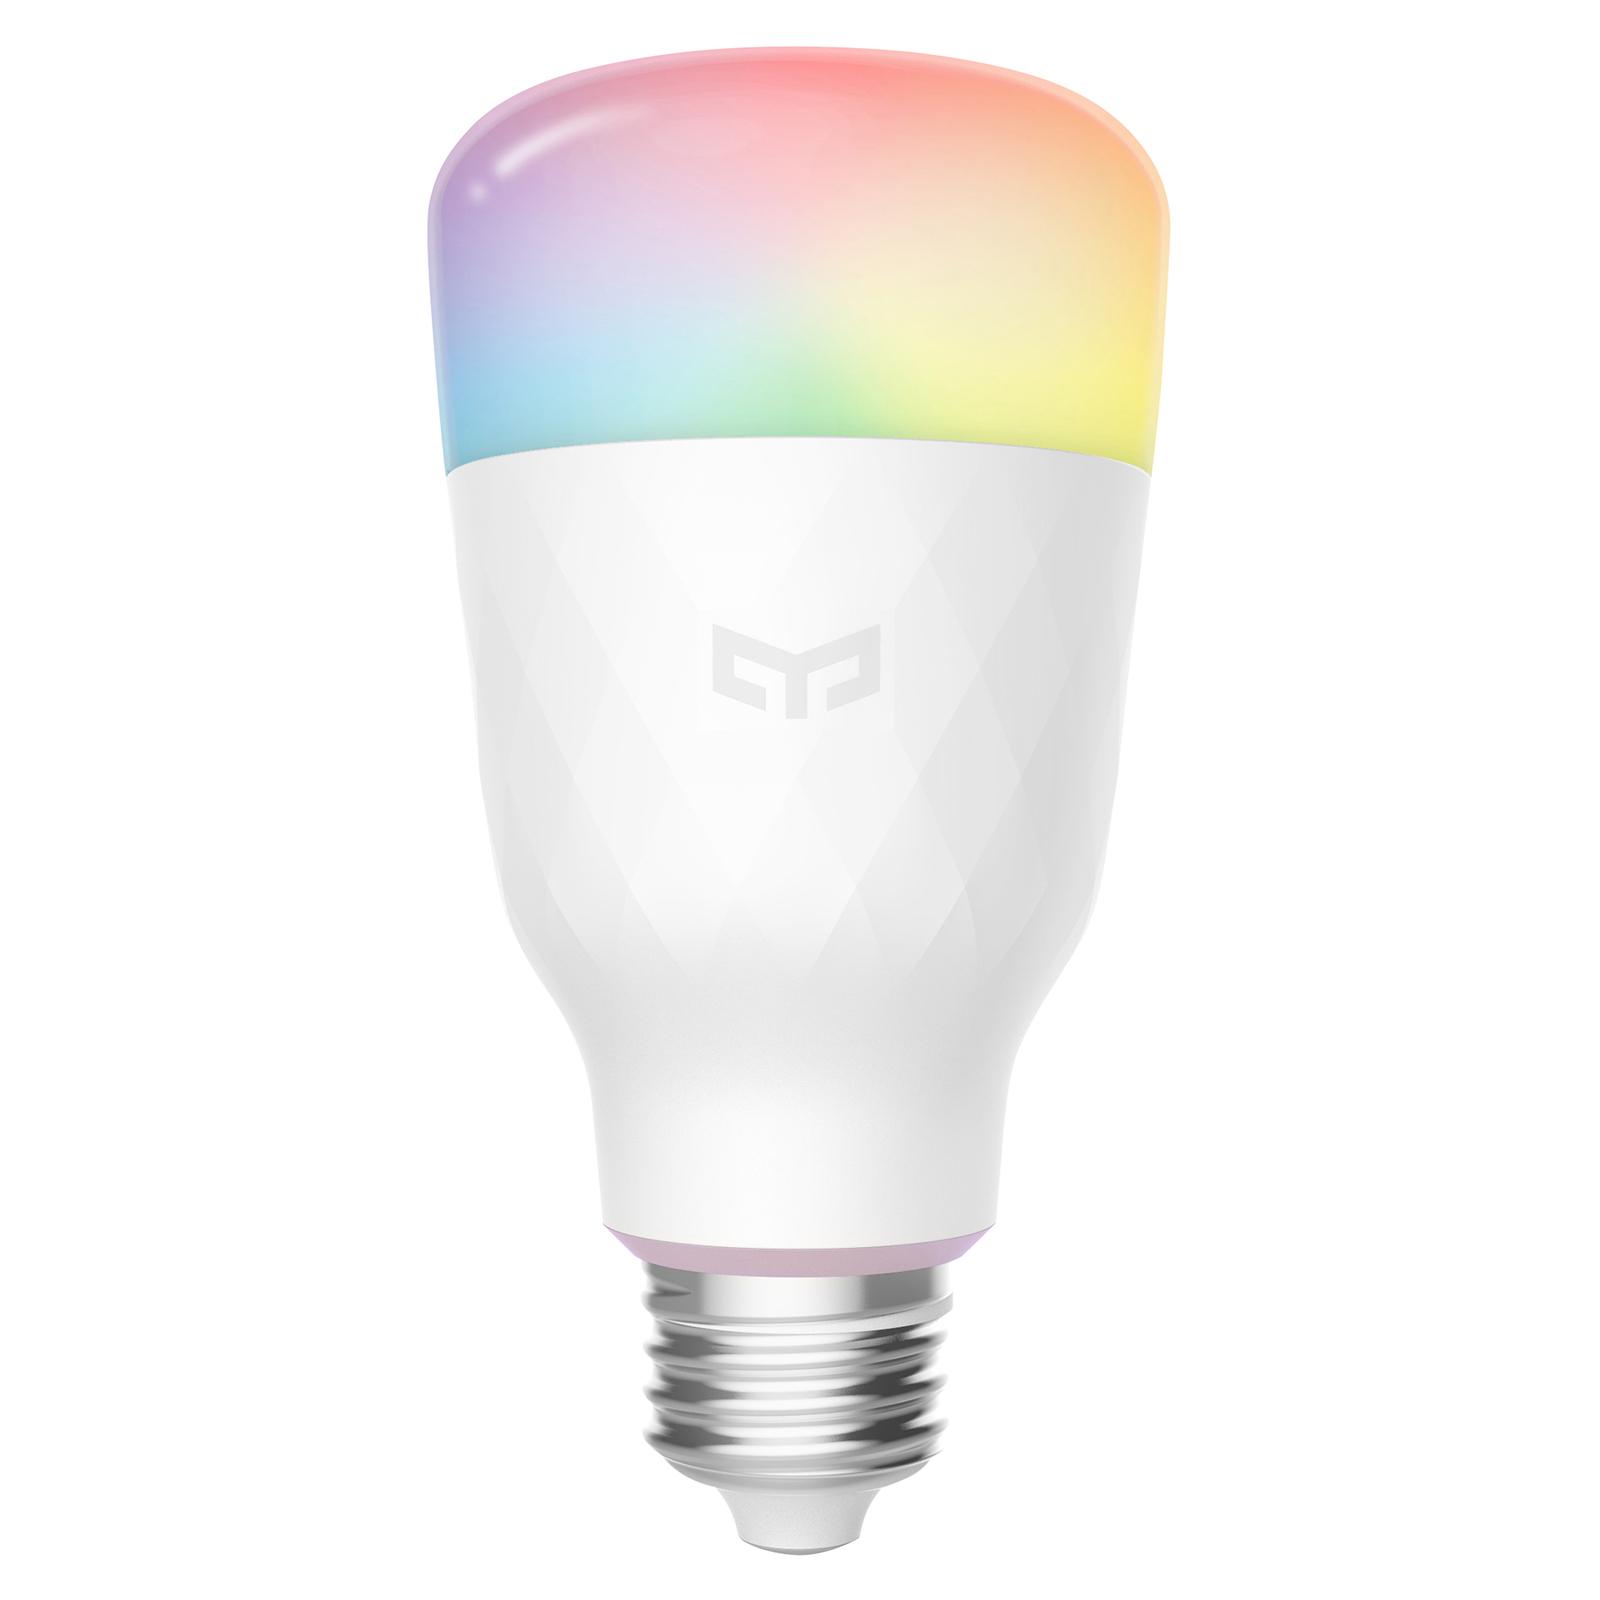 Yeelight Classic ampoule LED E27 1S Color 8,5W